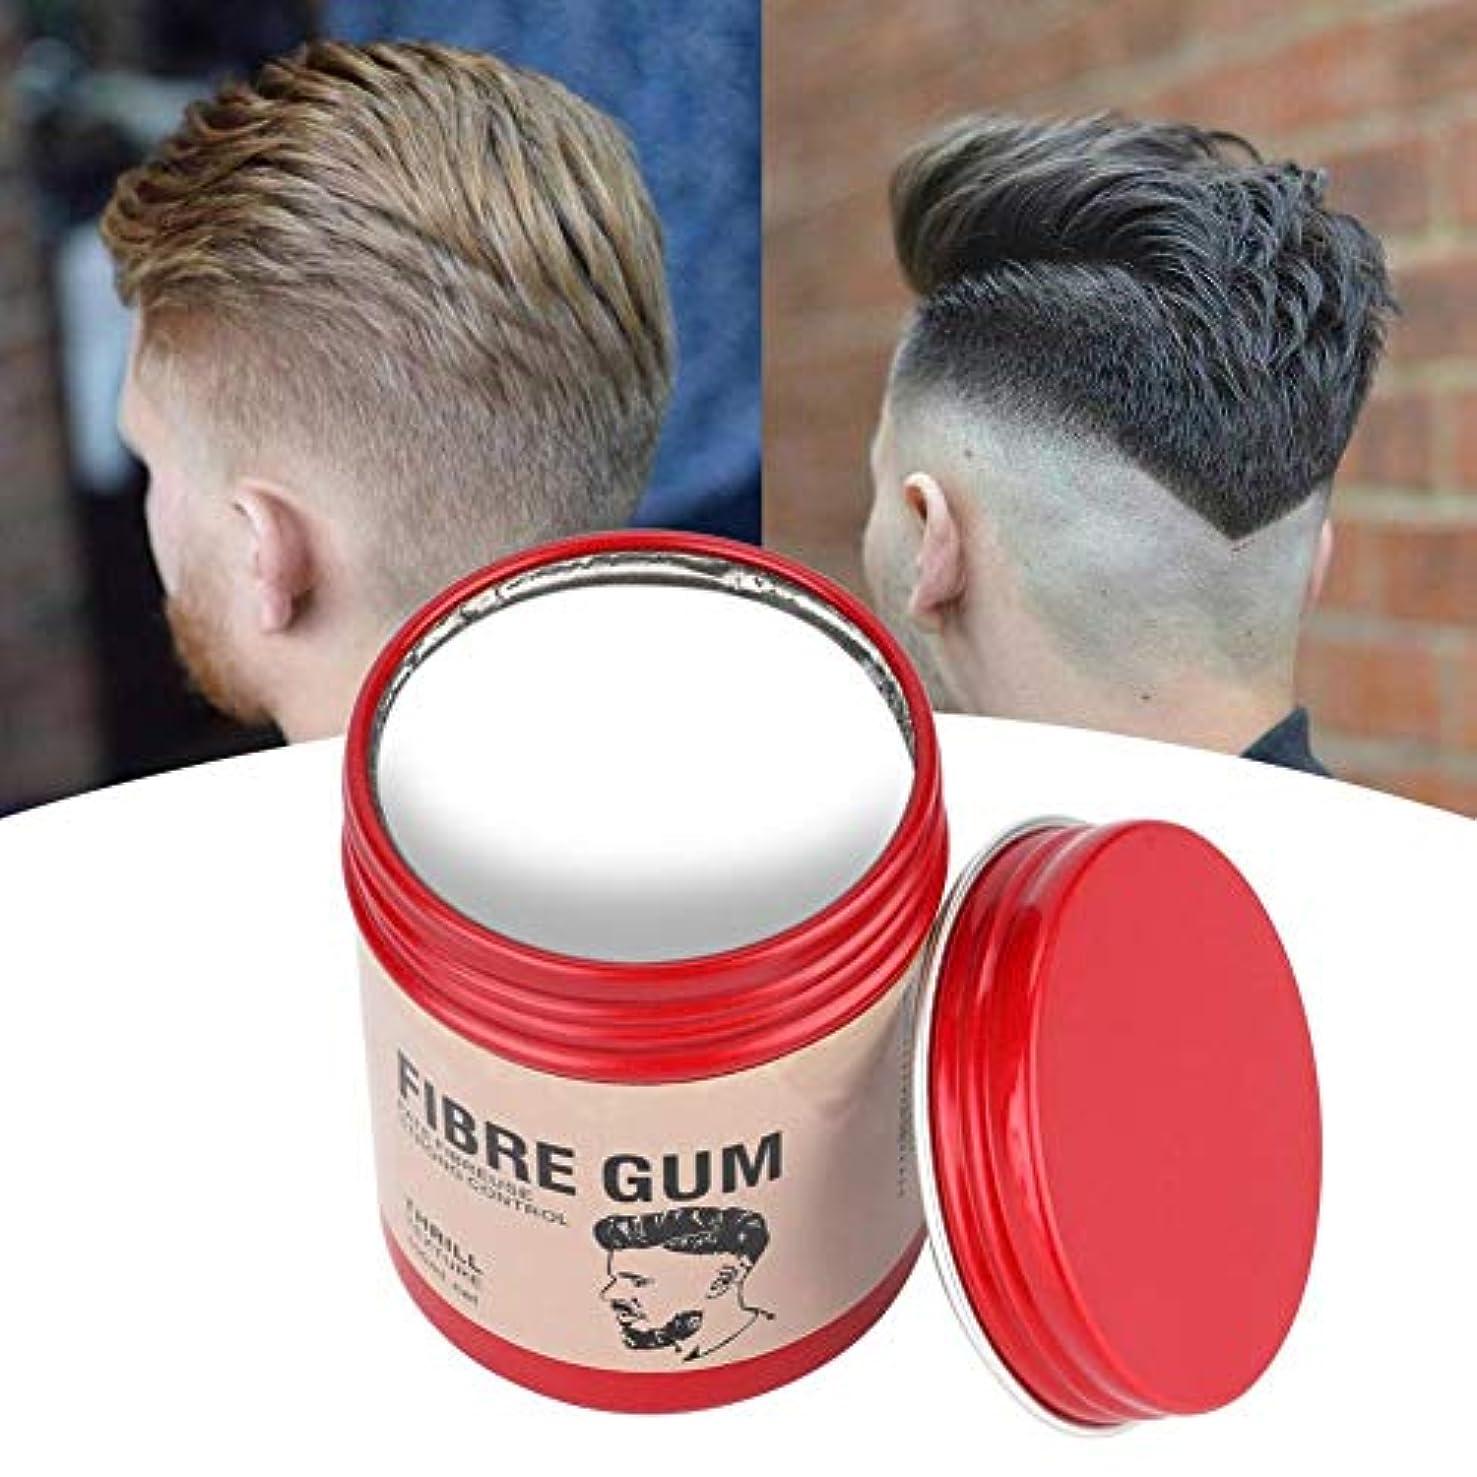 スズメバチ狭い過度にストロングホールドヘアワックス 100g メンズヘアクレイ長持ちふわふわヘアマッドヘアスタイリング用(01)